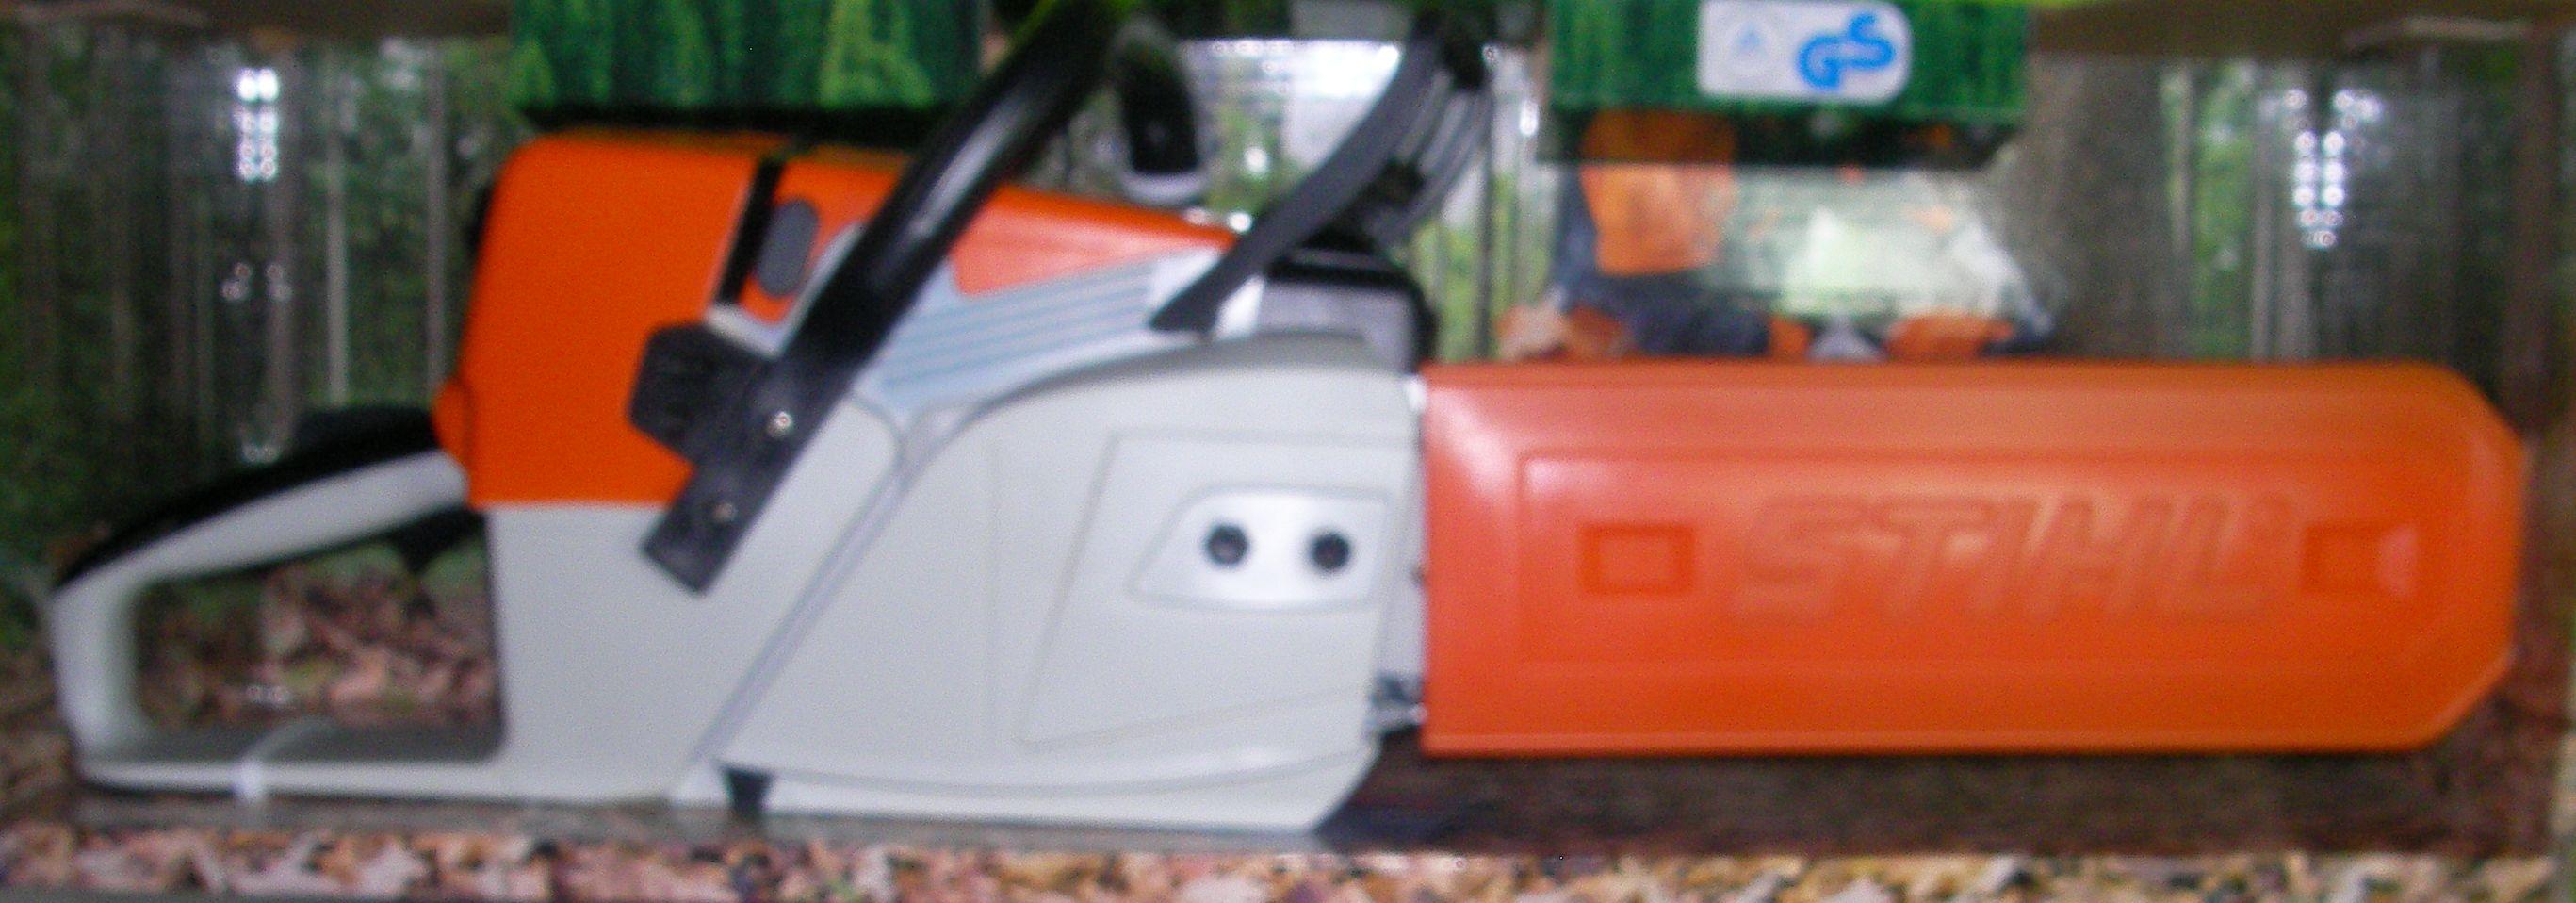 fahrzeuge und motorger te richter gmbh spielzeugs ge stihl mit batterieantrieb. Black Bedroom Furniture Sets. Home Design Ideas